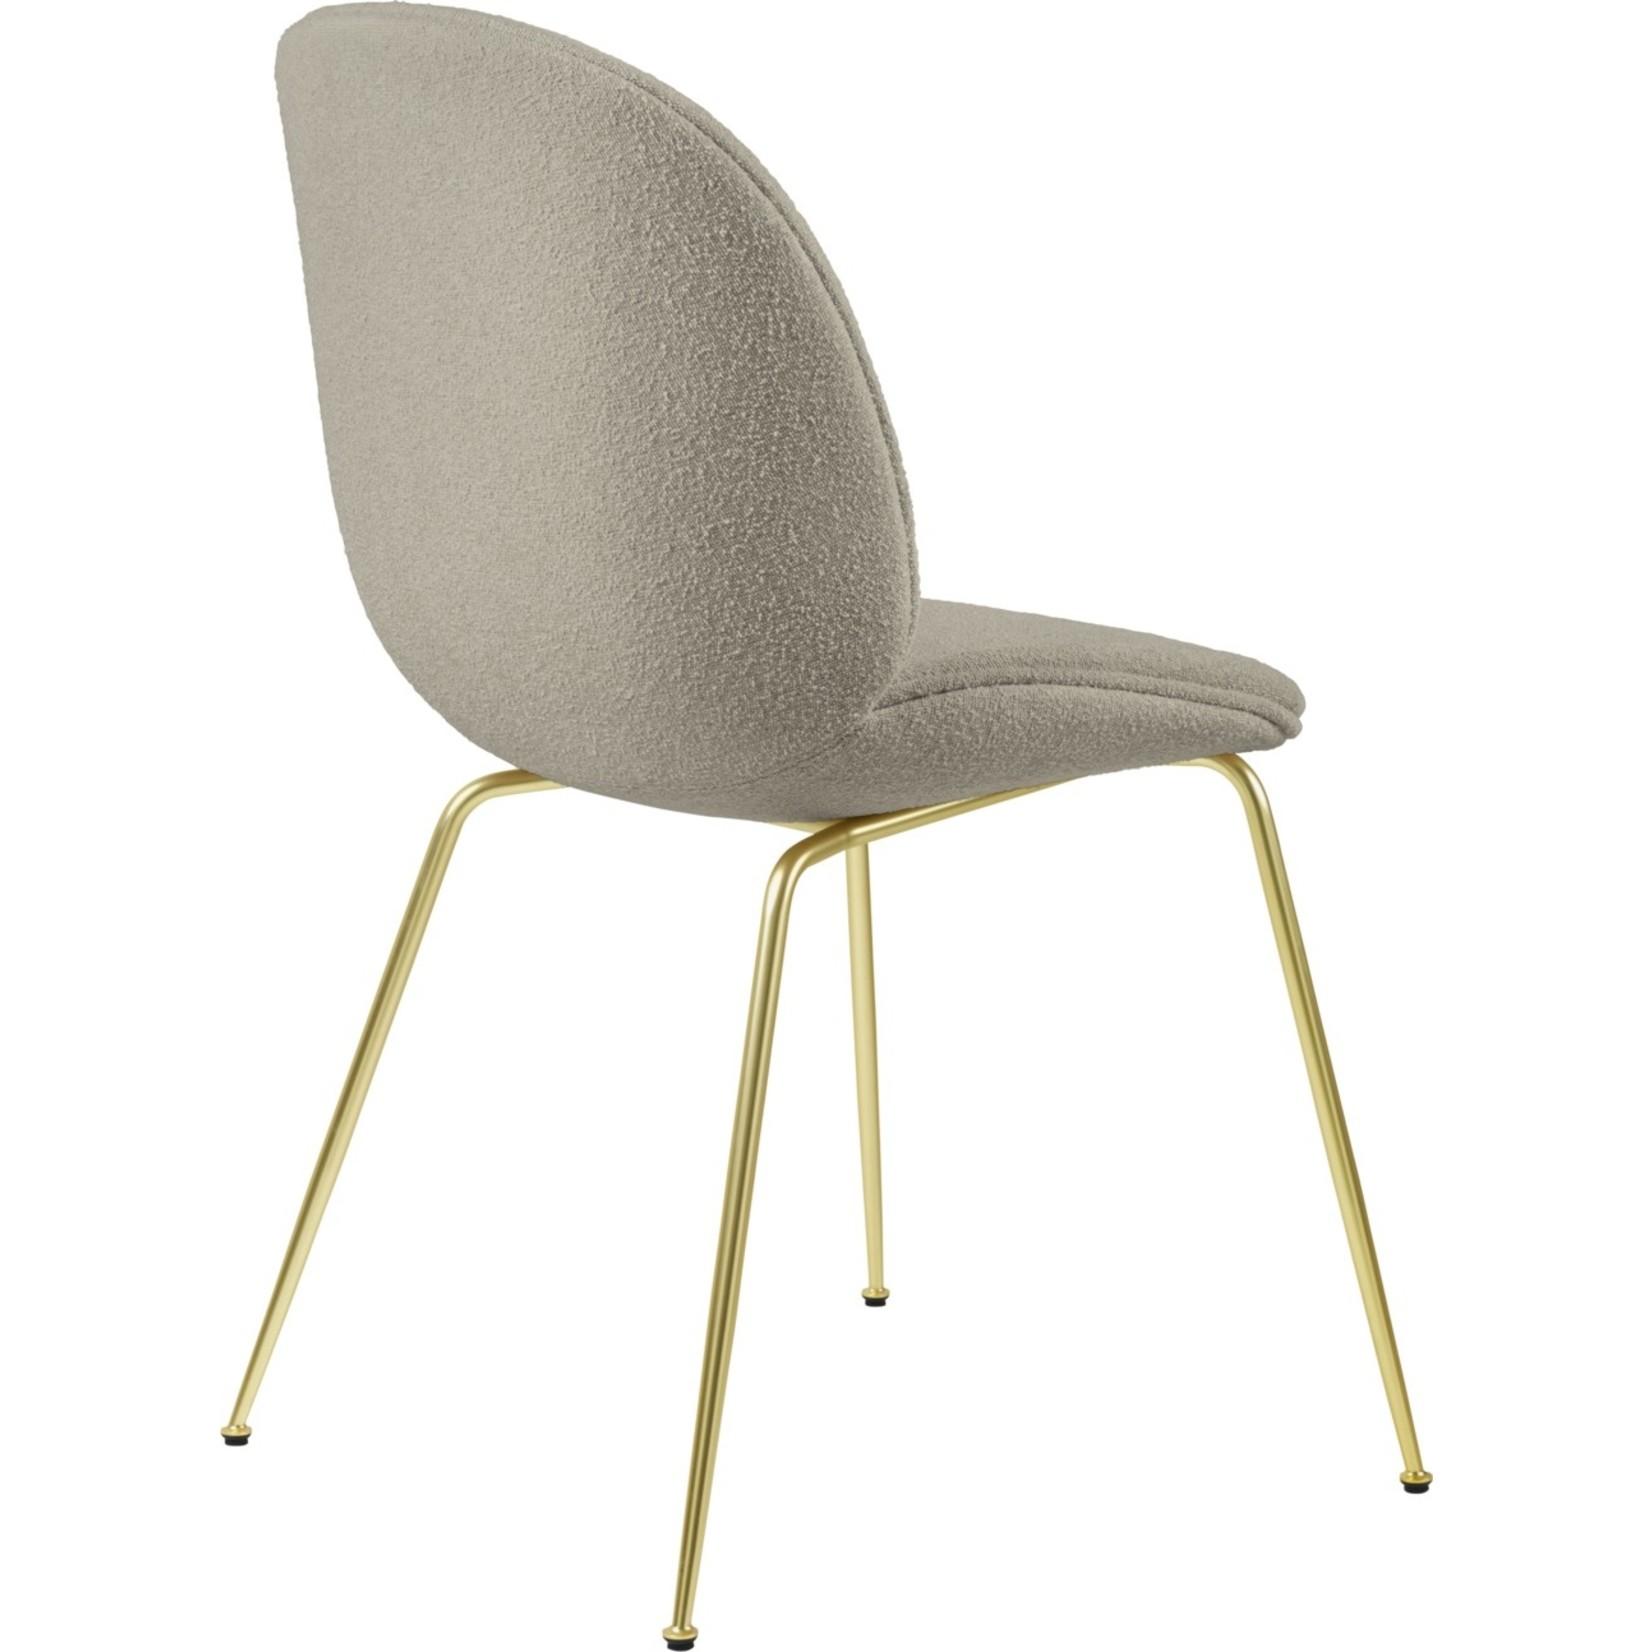 Gubi Beetle Dining Chair | Light Bouclé 008 & Brass Semi Matt Base